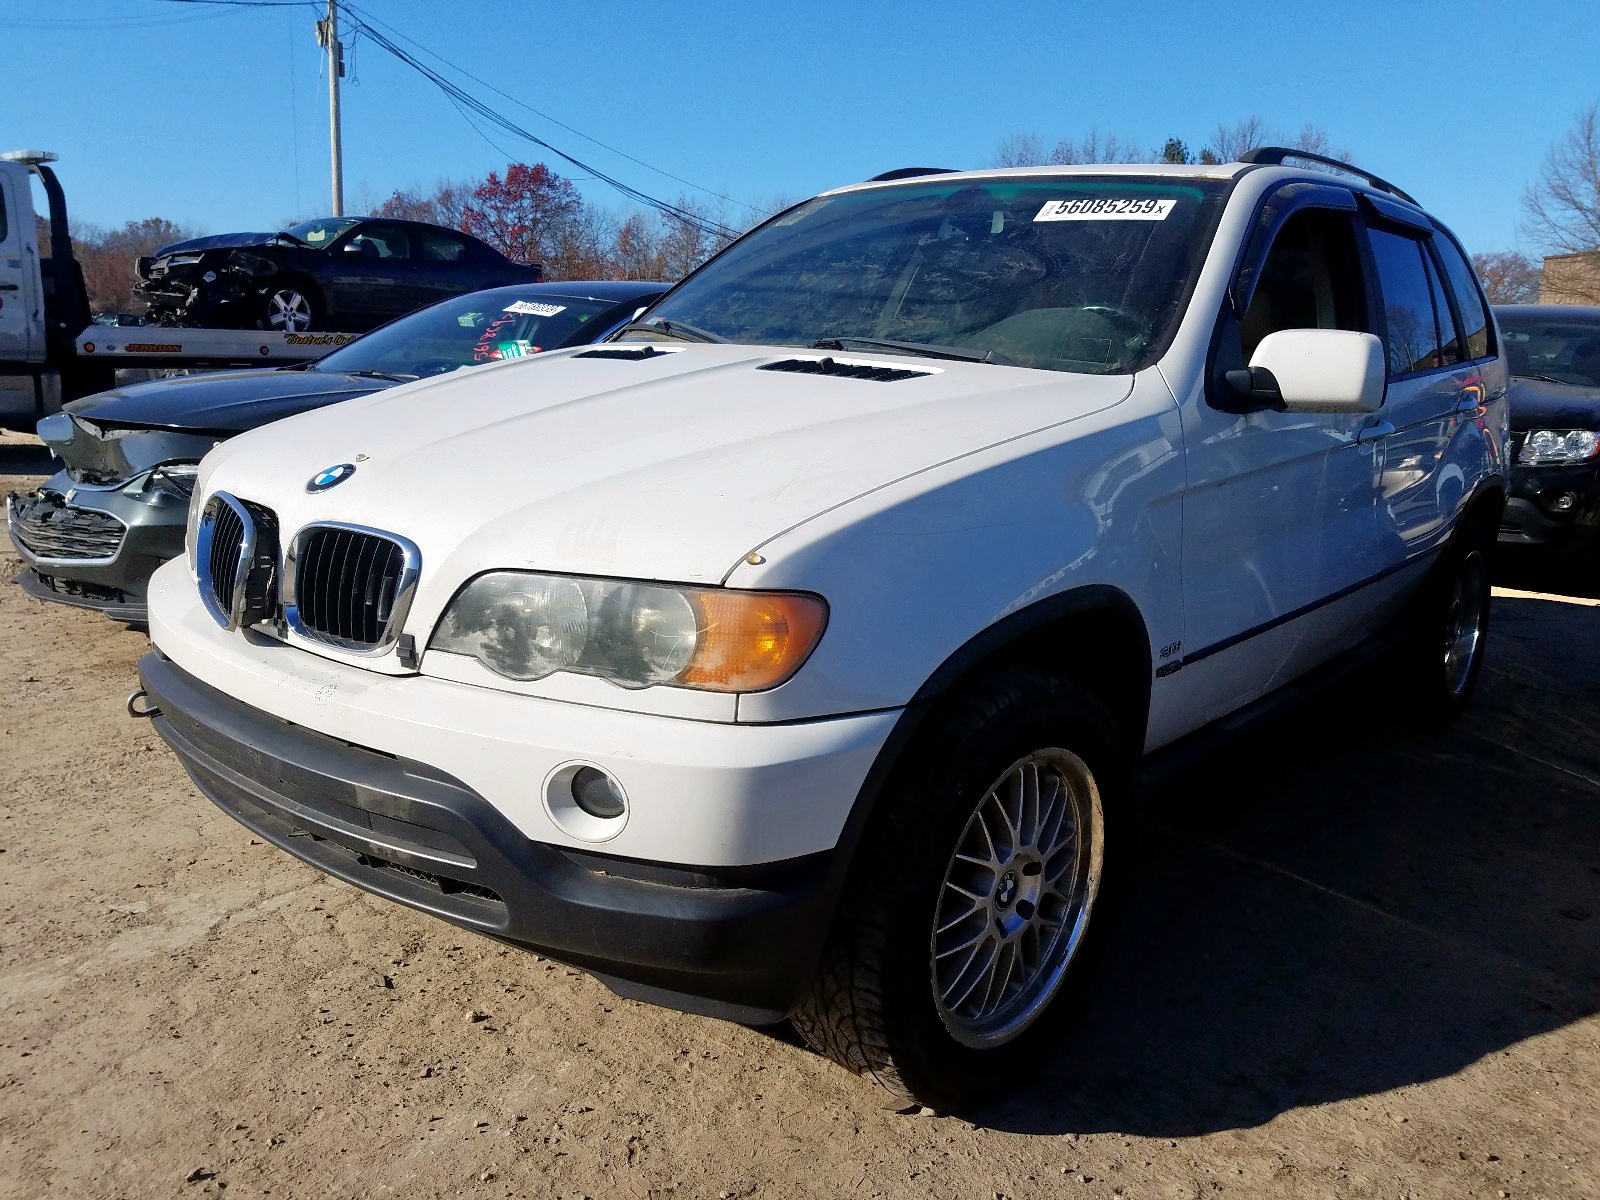 5UXFA53543LV76249 - 2003 Bmw X5 3.0I 3.0L Right View